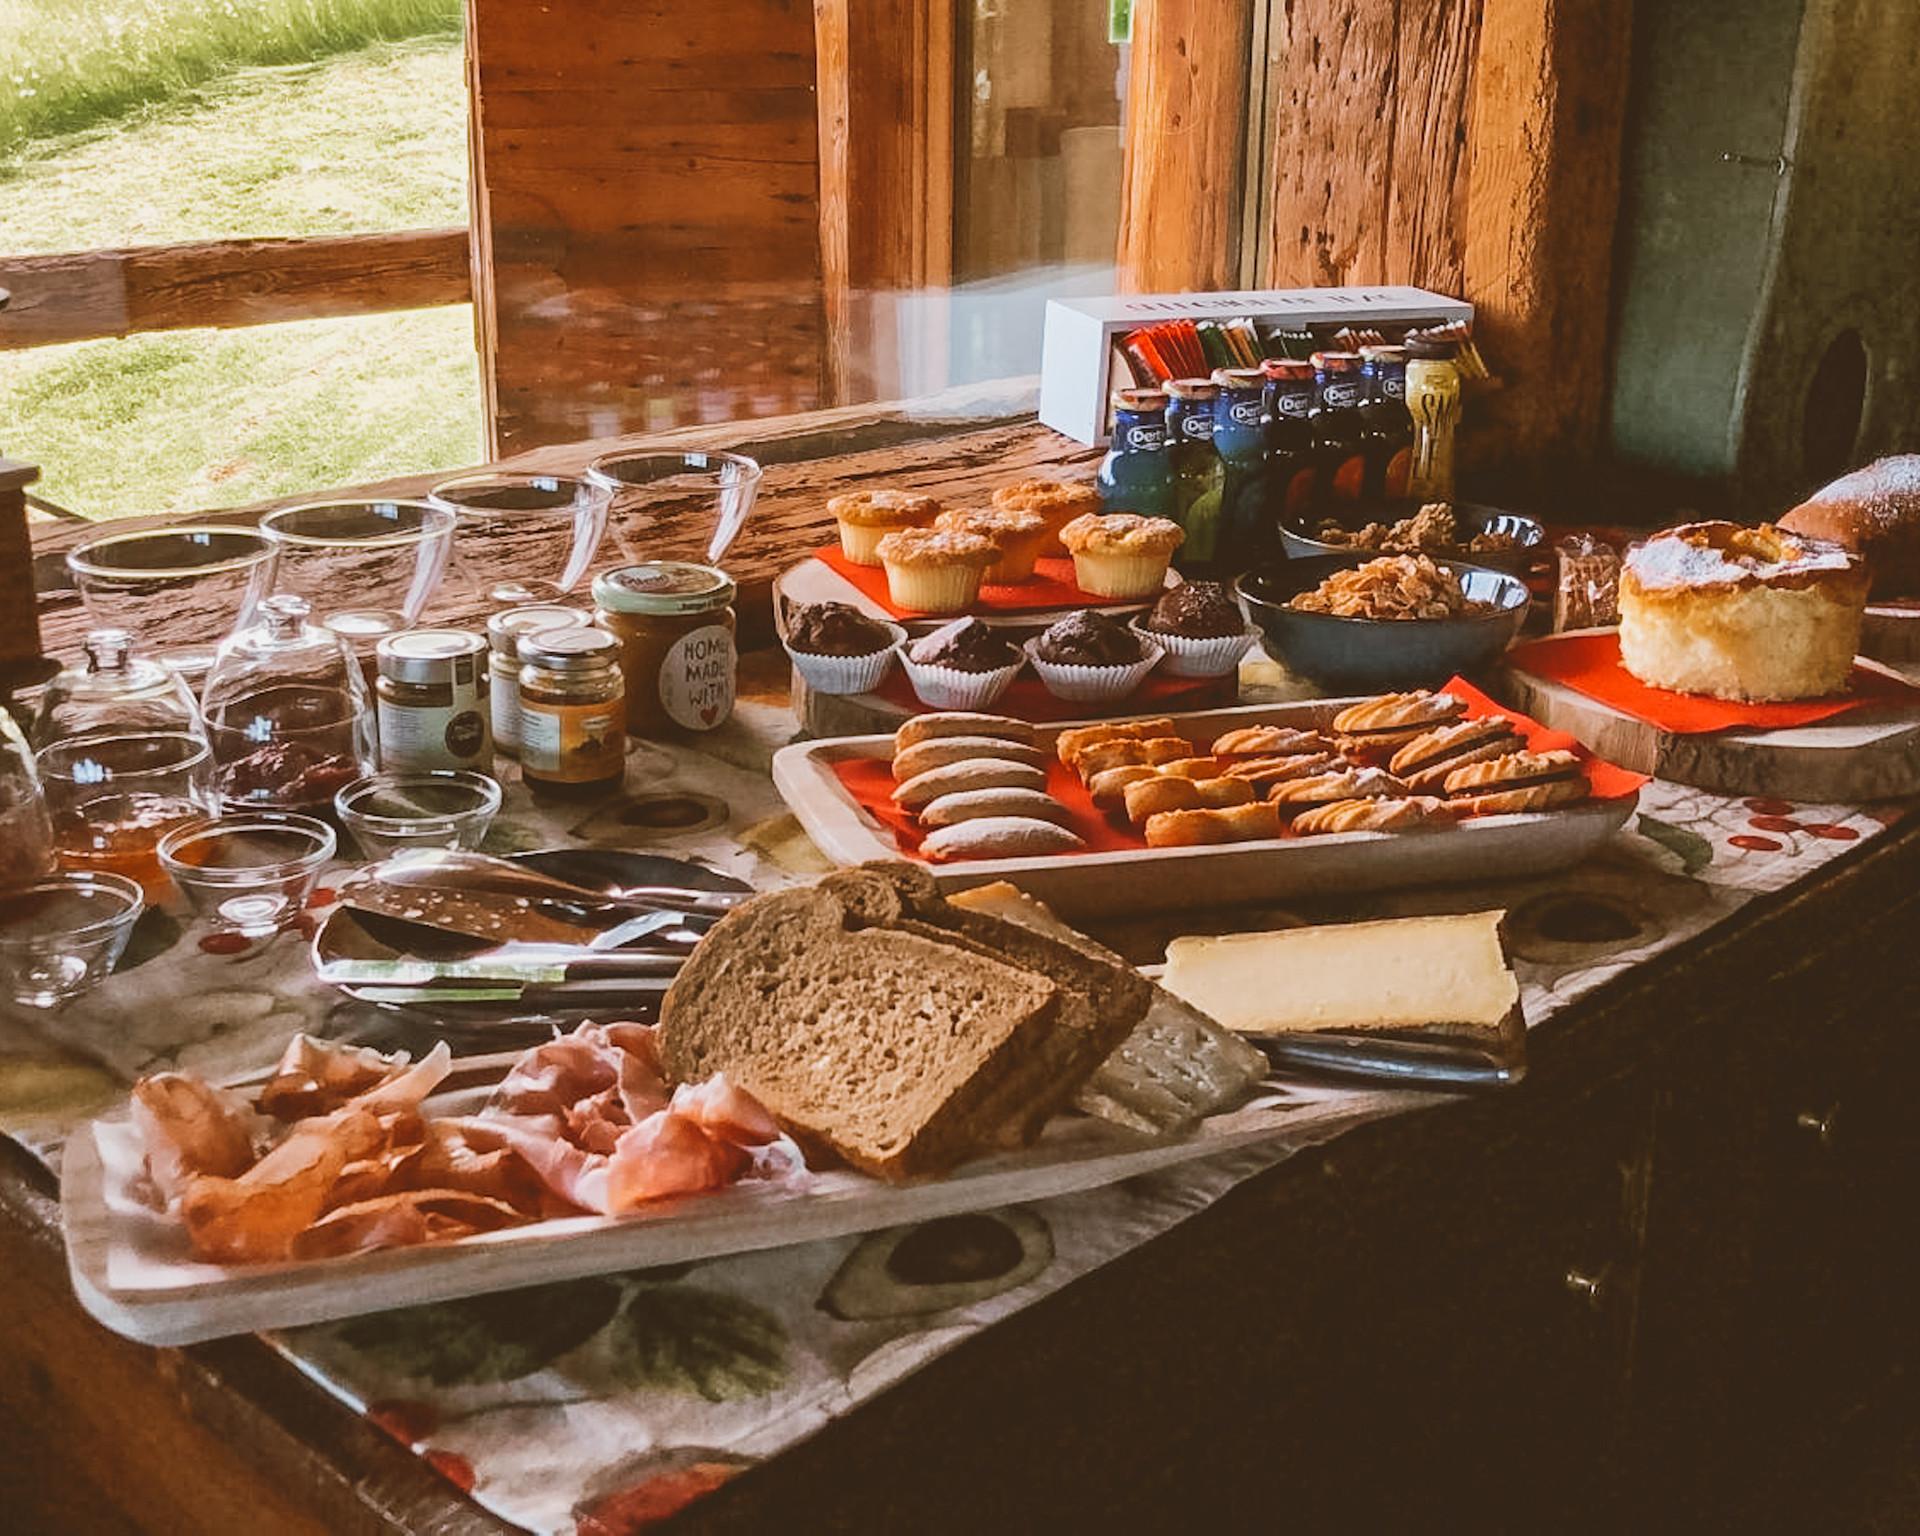 Un ricco buffet, dolce e salato. Cercheremo di deliziarvi con dolci fatti in casa